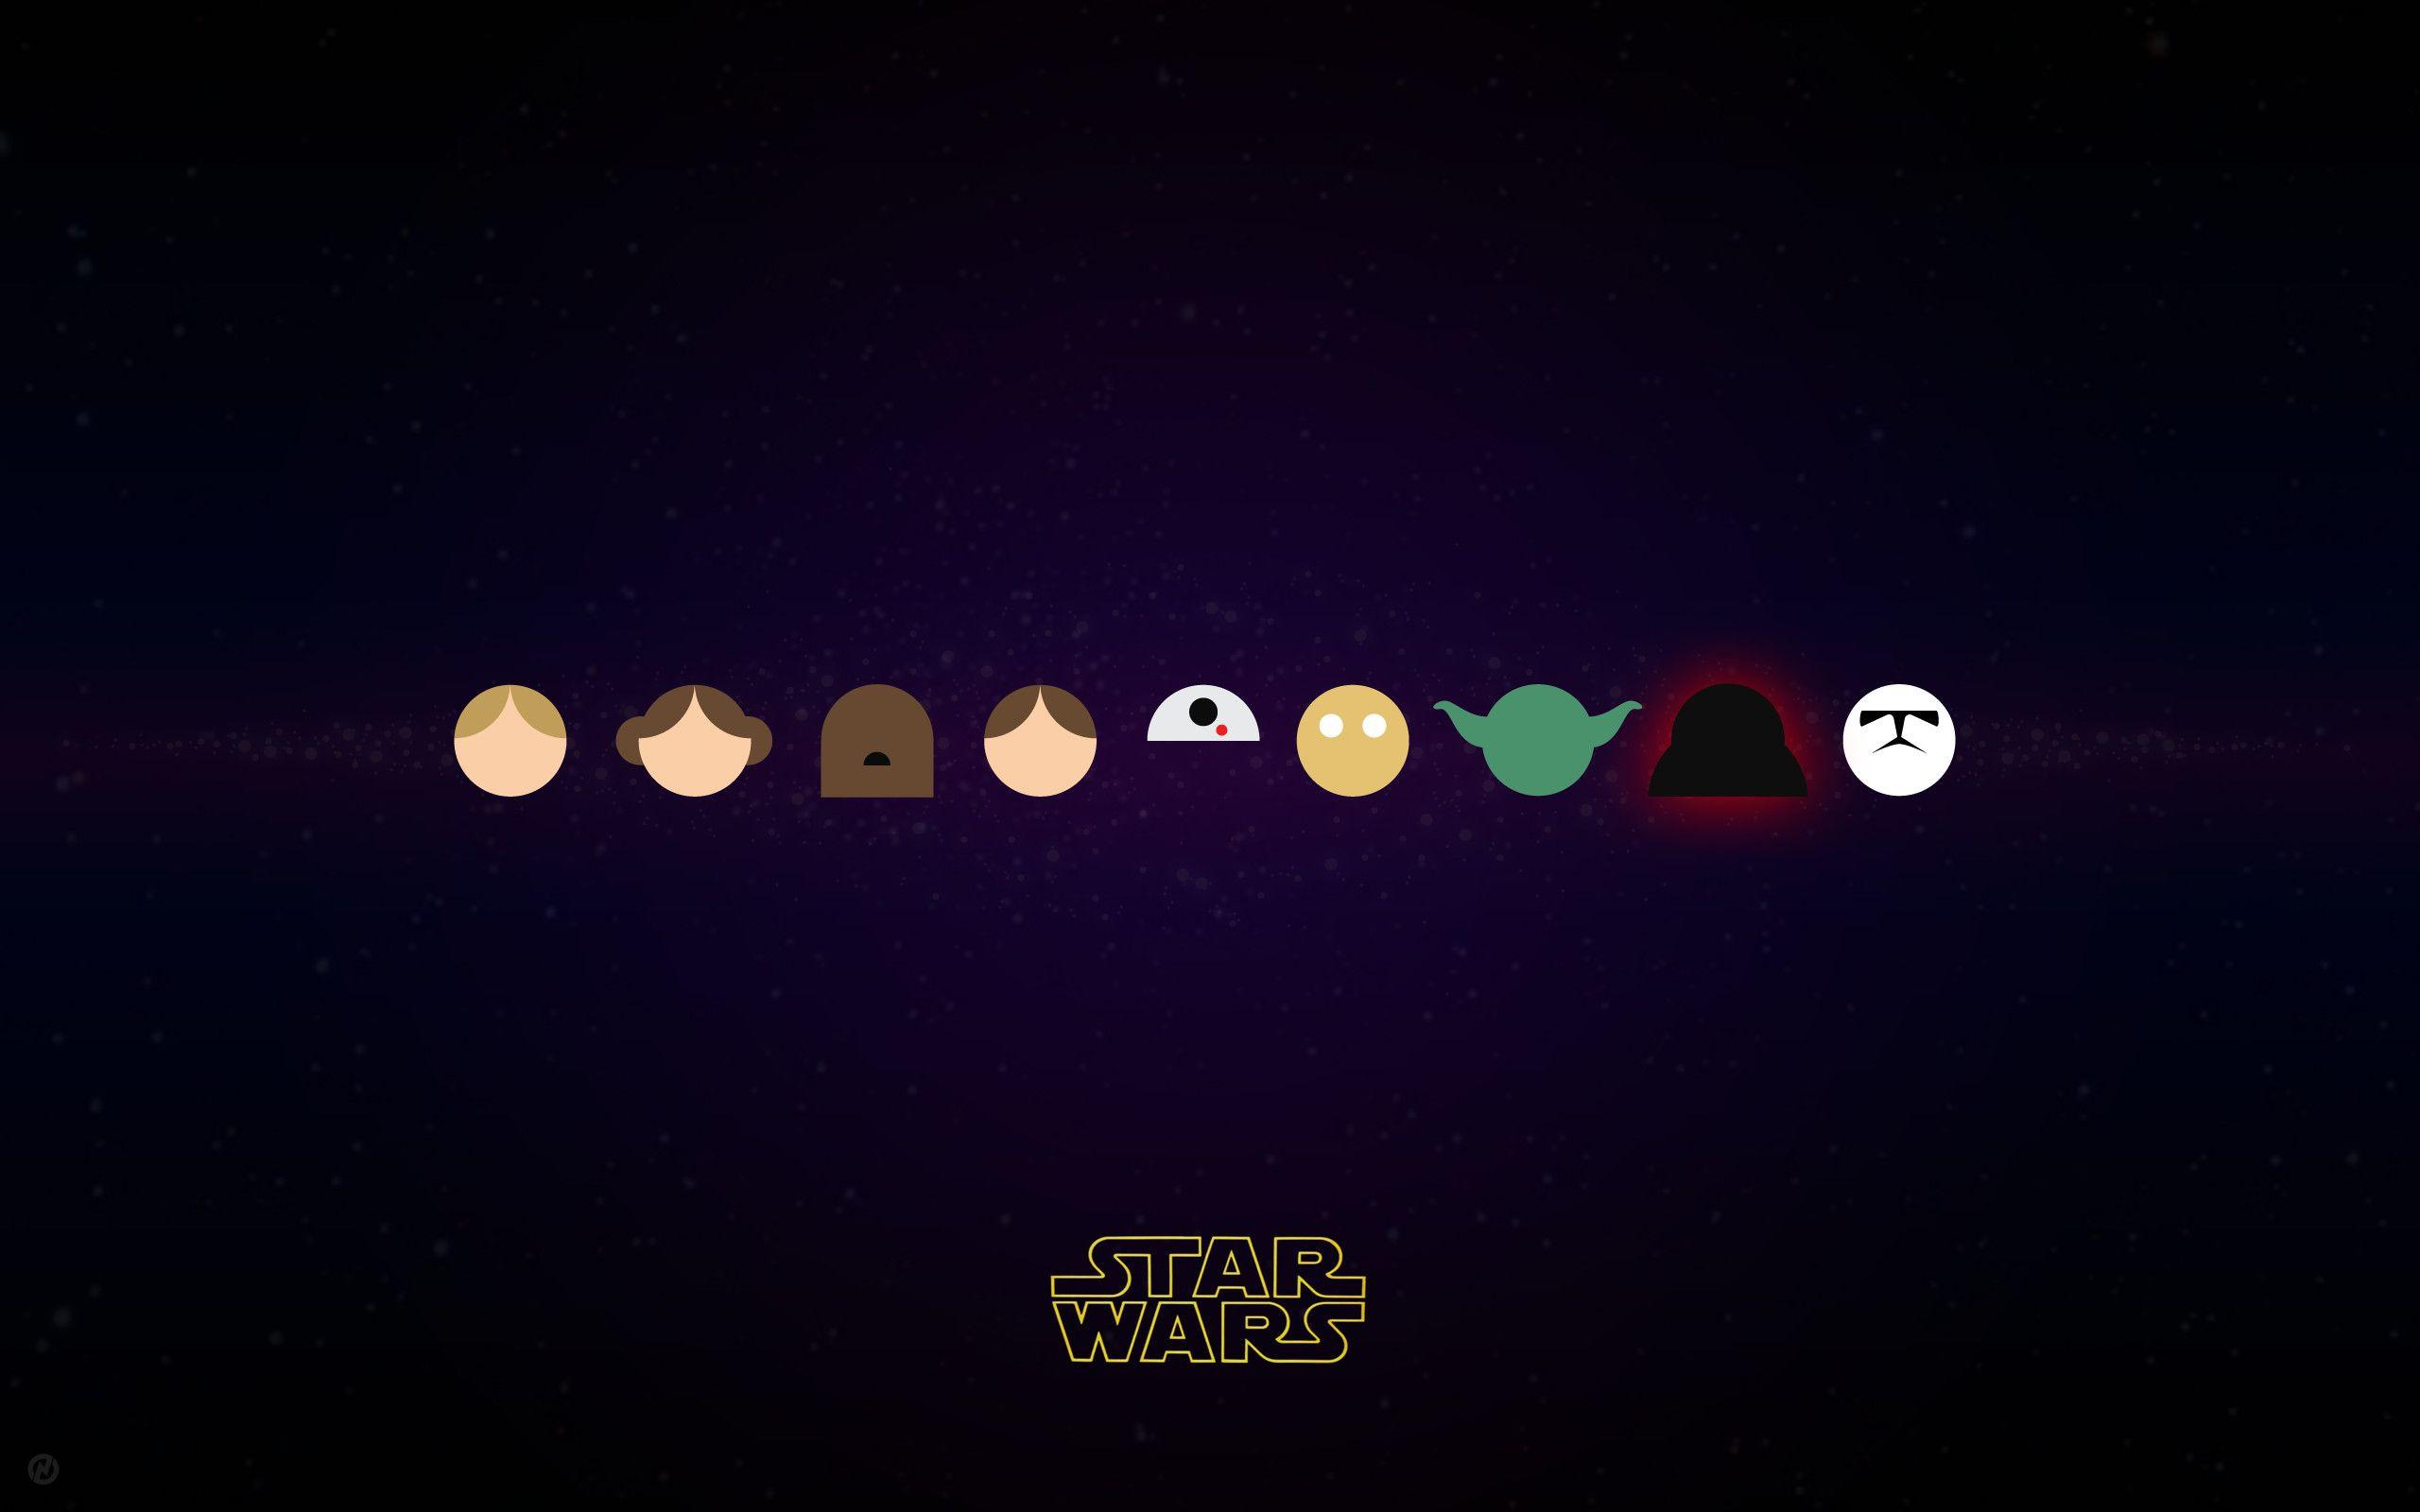 2560x1600 Wallpaper Minimalism Star Wars Photo 11 Star Wars Wallpaper Iphone Star Wars Wallpaper Star Wars Diy